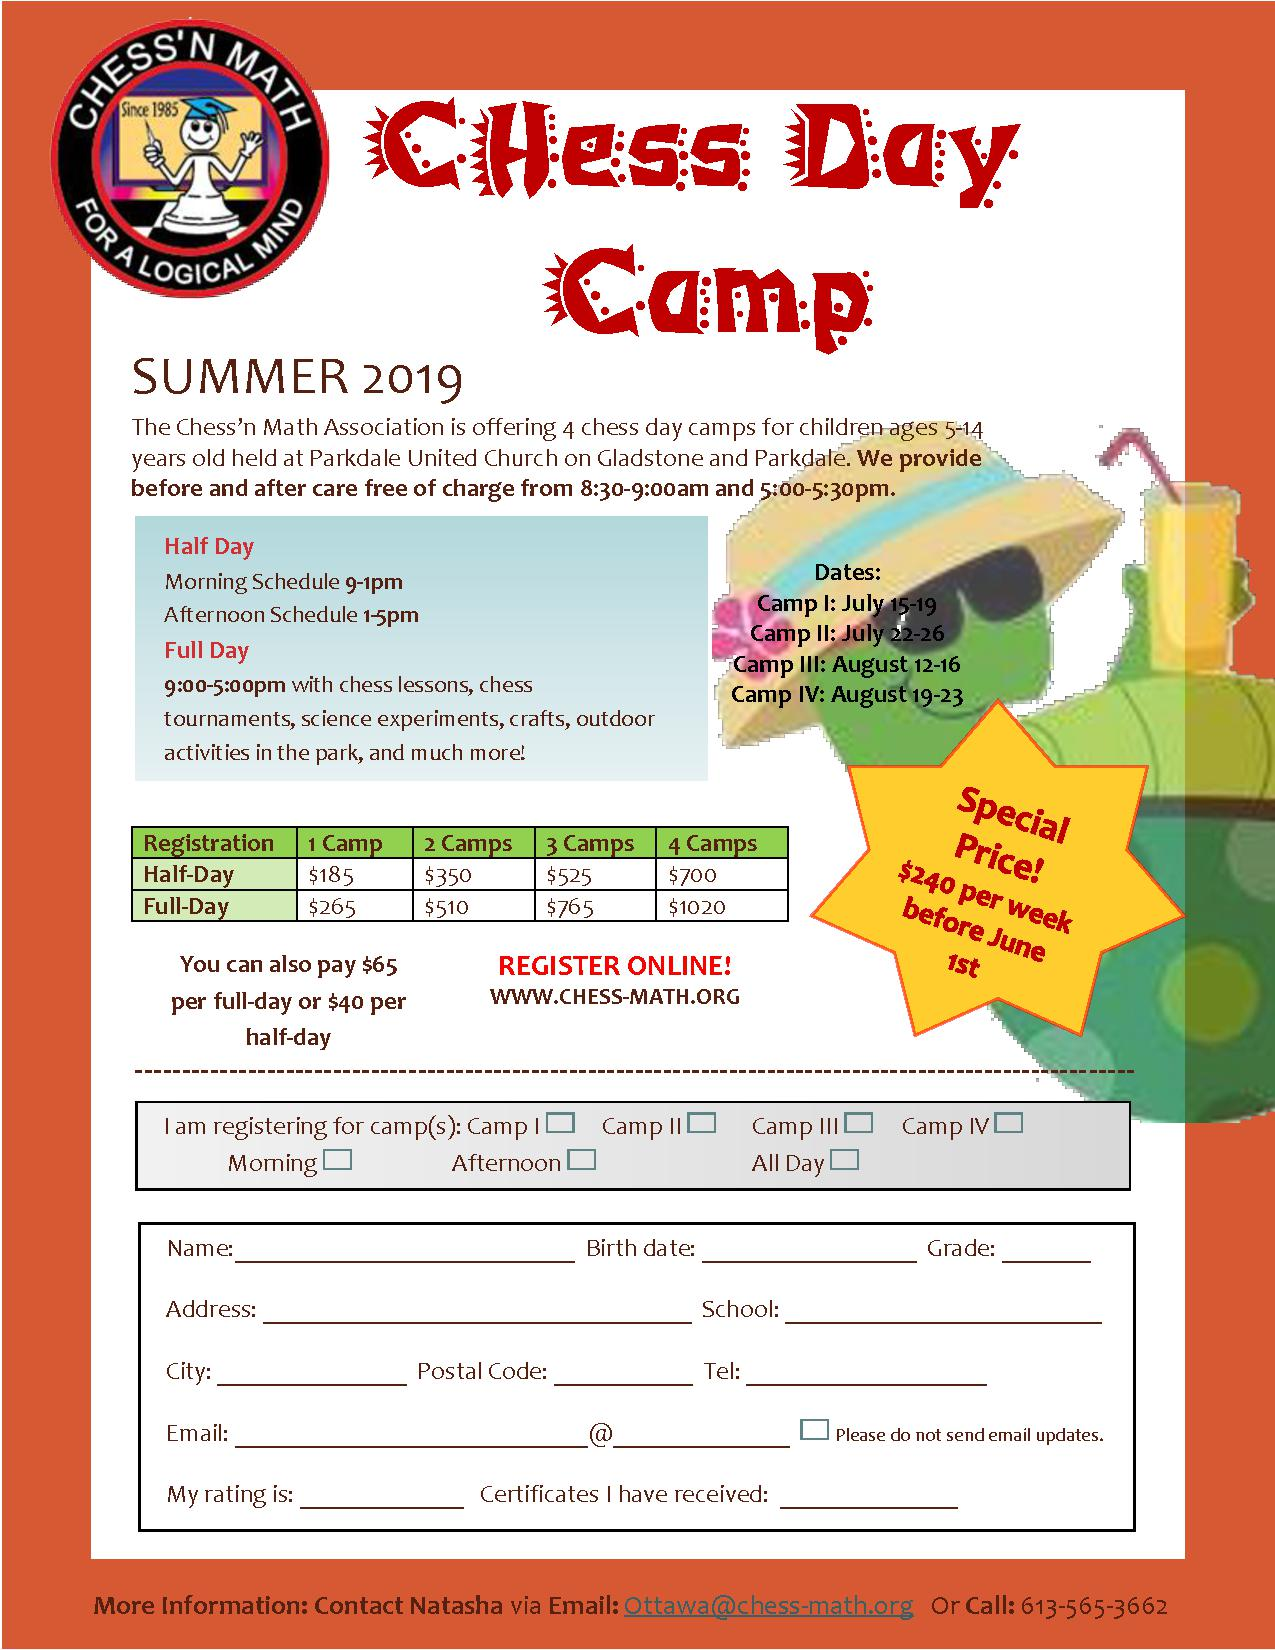 Ottawa Summer Camp 2019